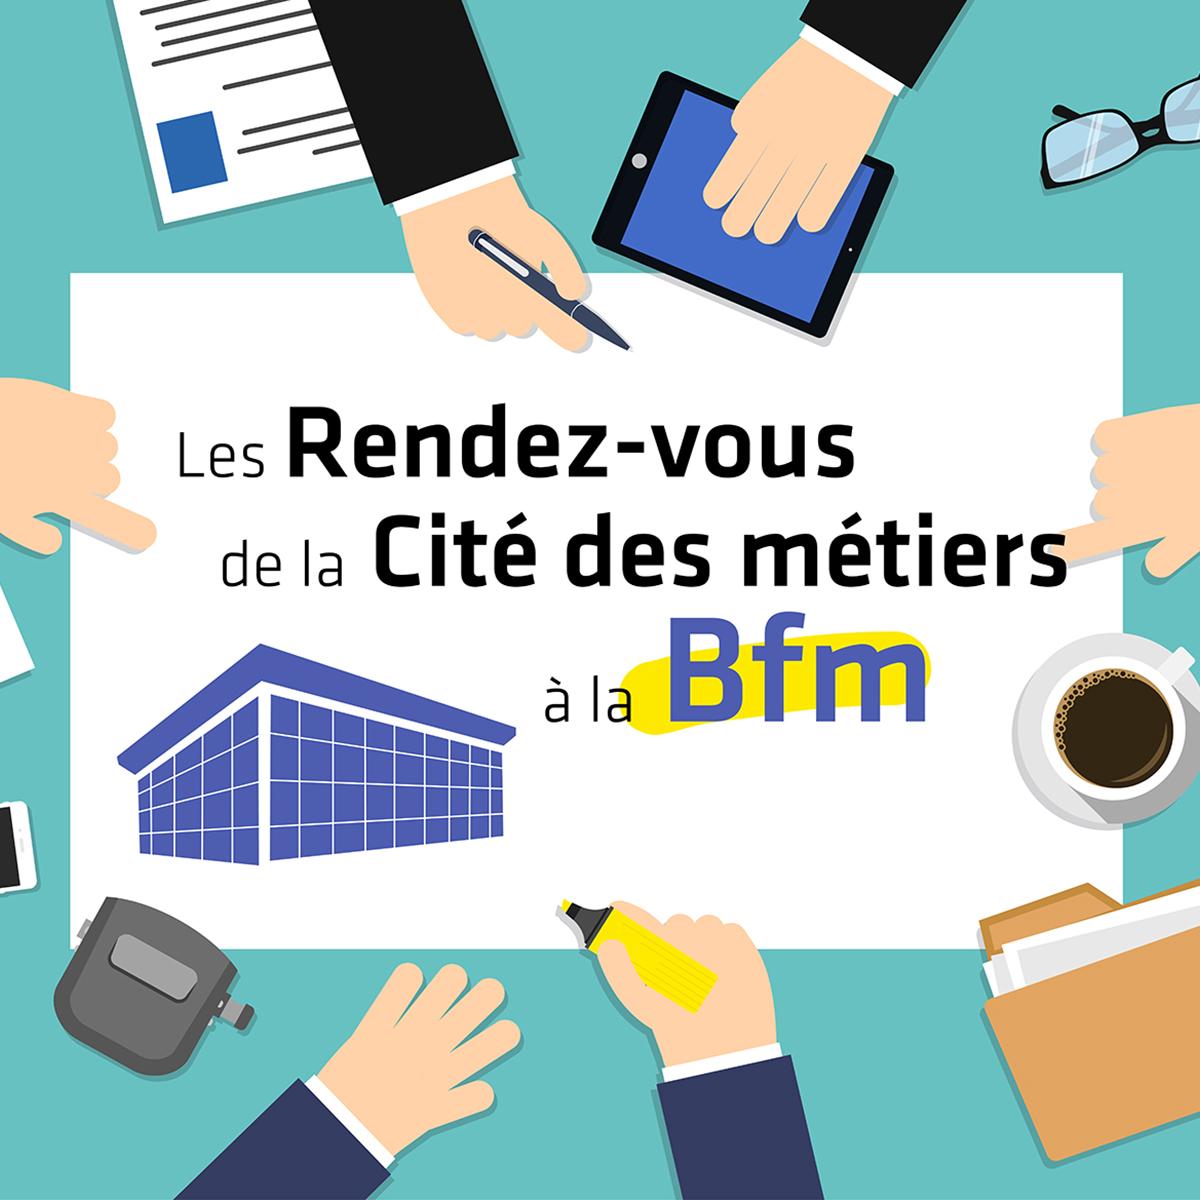 Les Rendez-vous de la Cité des métiers à la BFM de Limoges